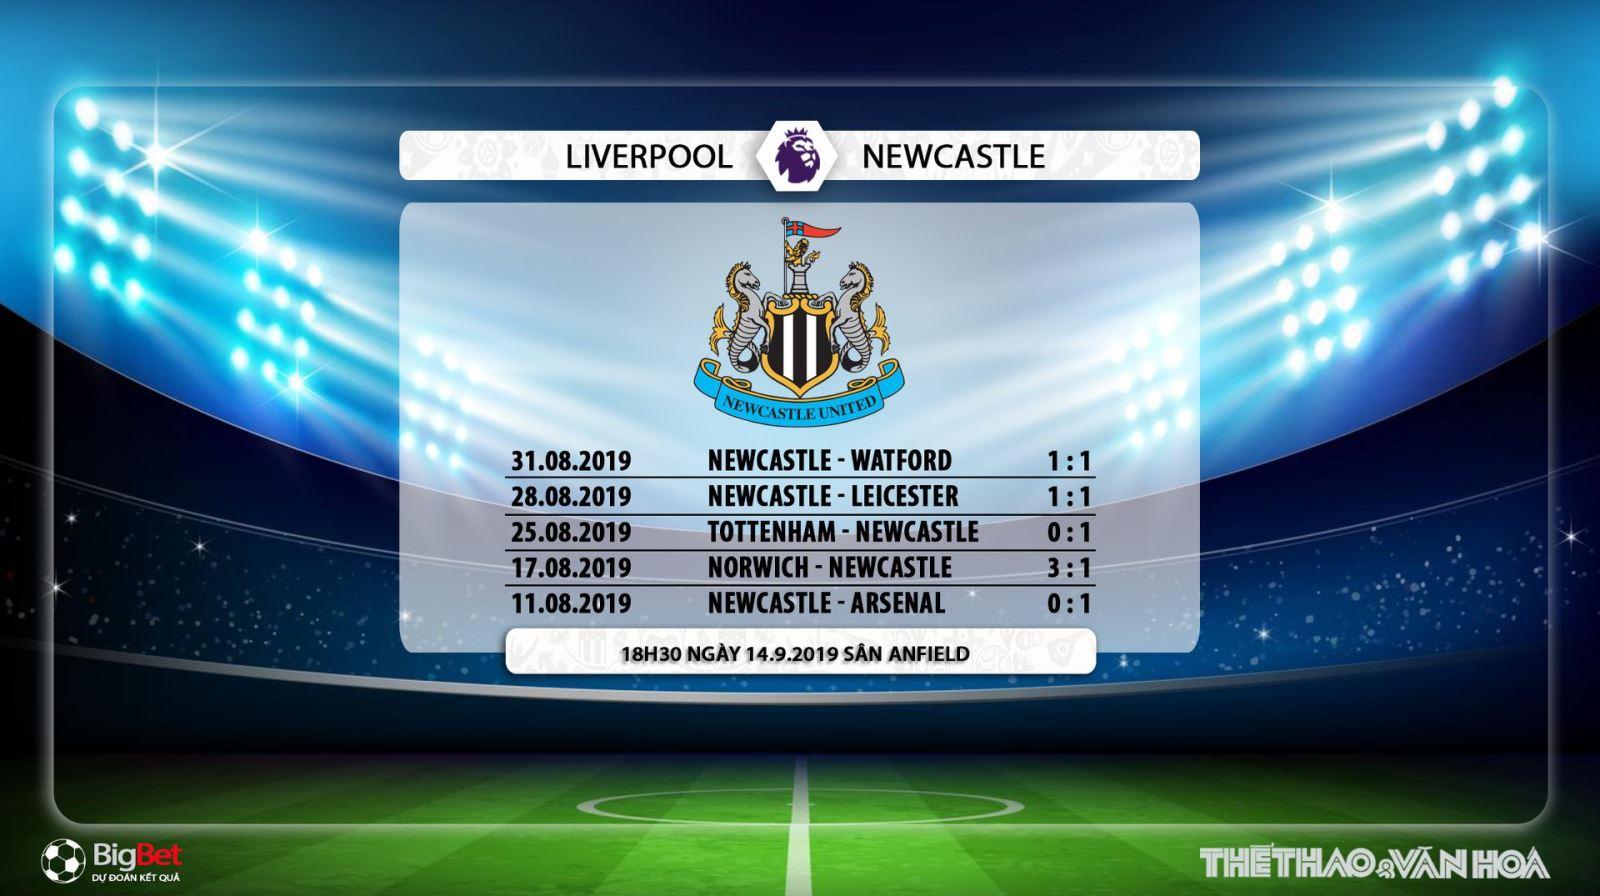 K+, K+PM, soi kèo bóng đá, Liverpool đấu với Newcastle, truc tiep bong da hôm nay, Liverpool vs Newcastle, trực tiếp bóng đá, xem bong da truc tuyen, bong da, Ngoai hang